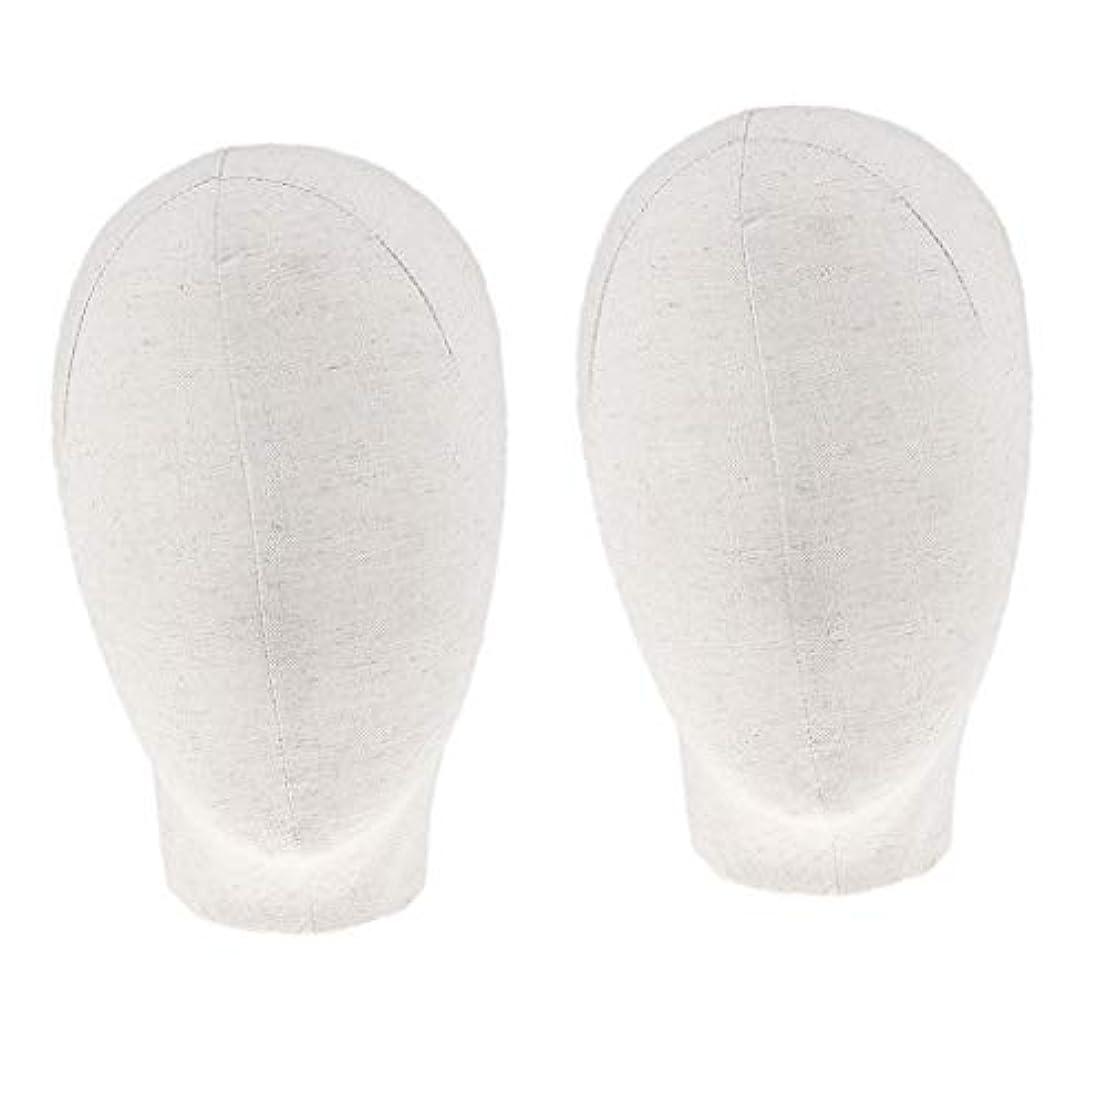 増幅するジャニス舌DYNWAVE マネキンヘッド キャンバスブロック 21インチ かつら 帽子 メガネ ディスプレイ ホルダー